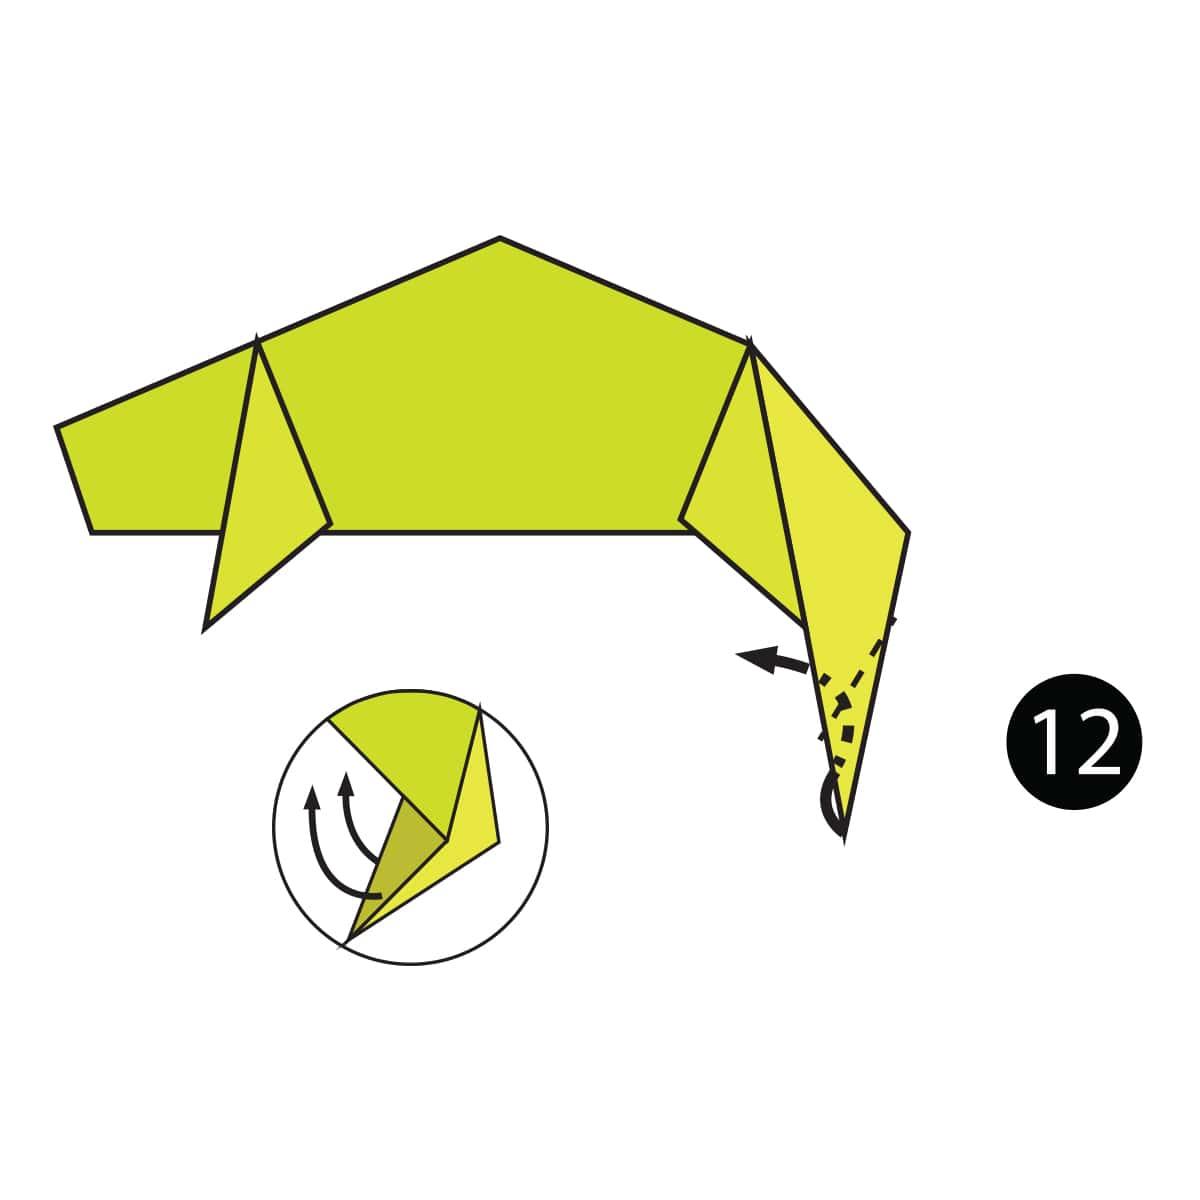 Chameleon Step 12